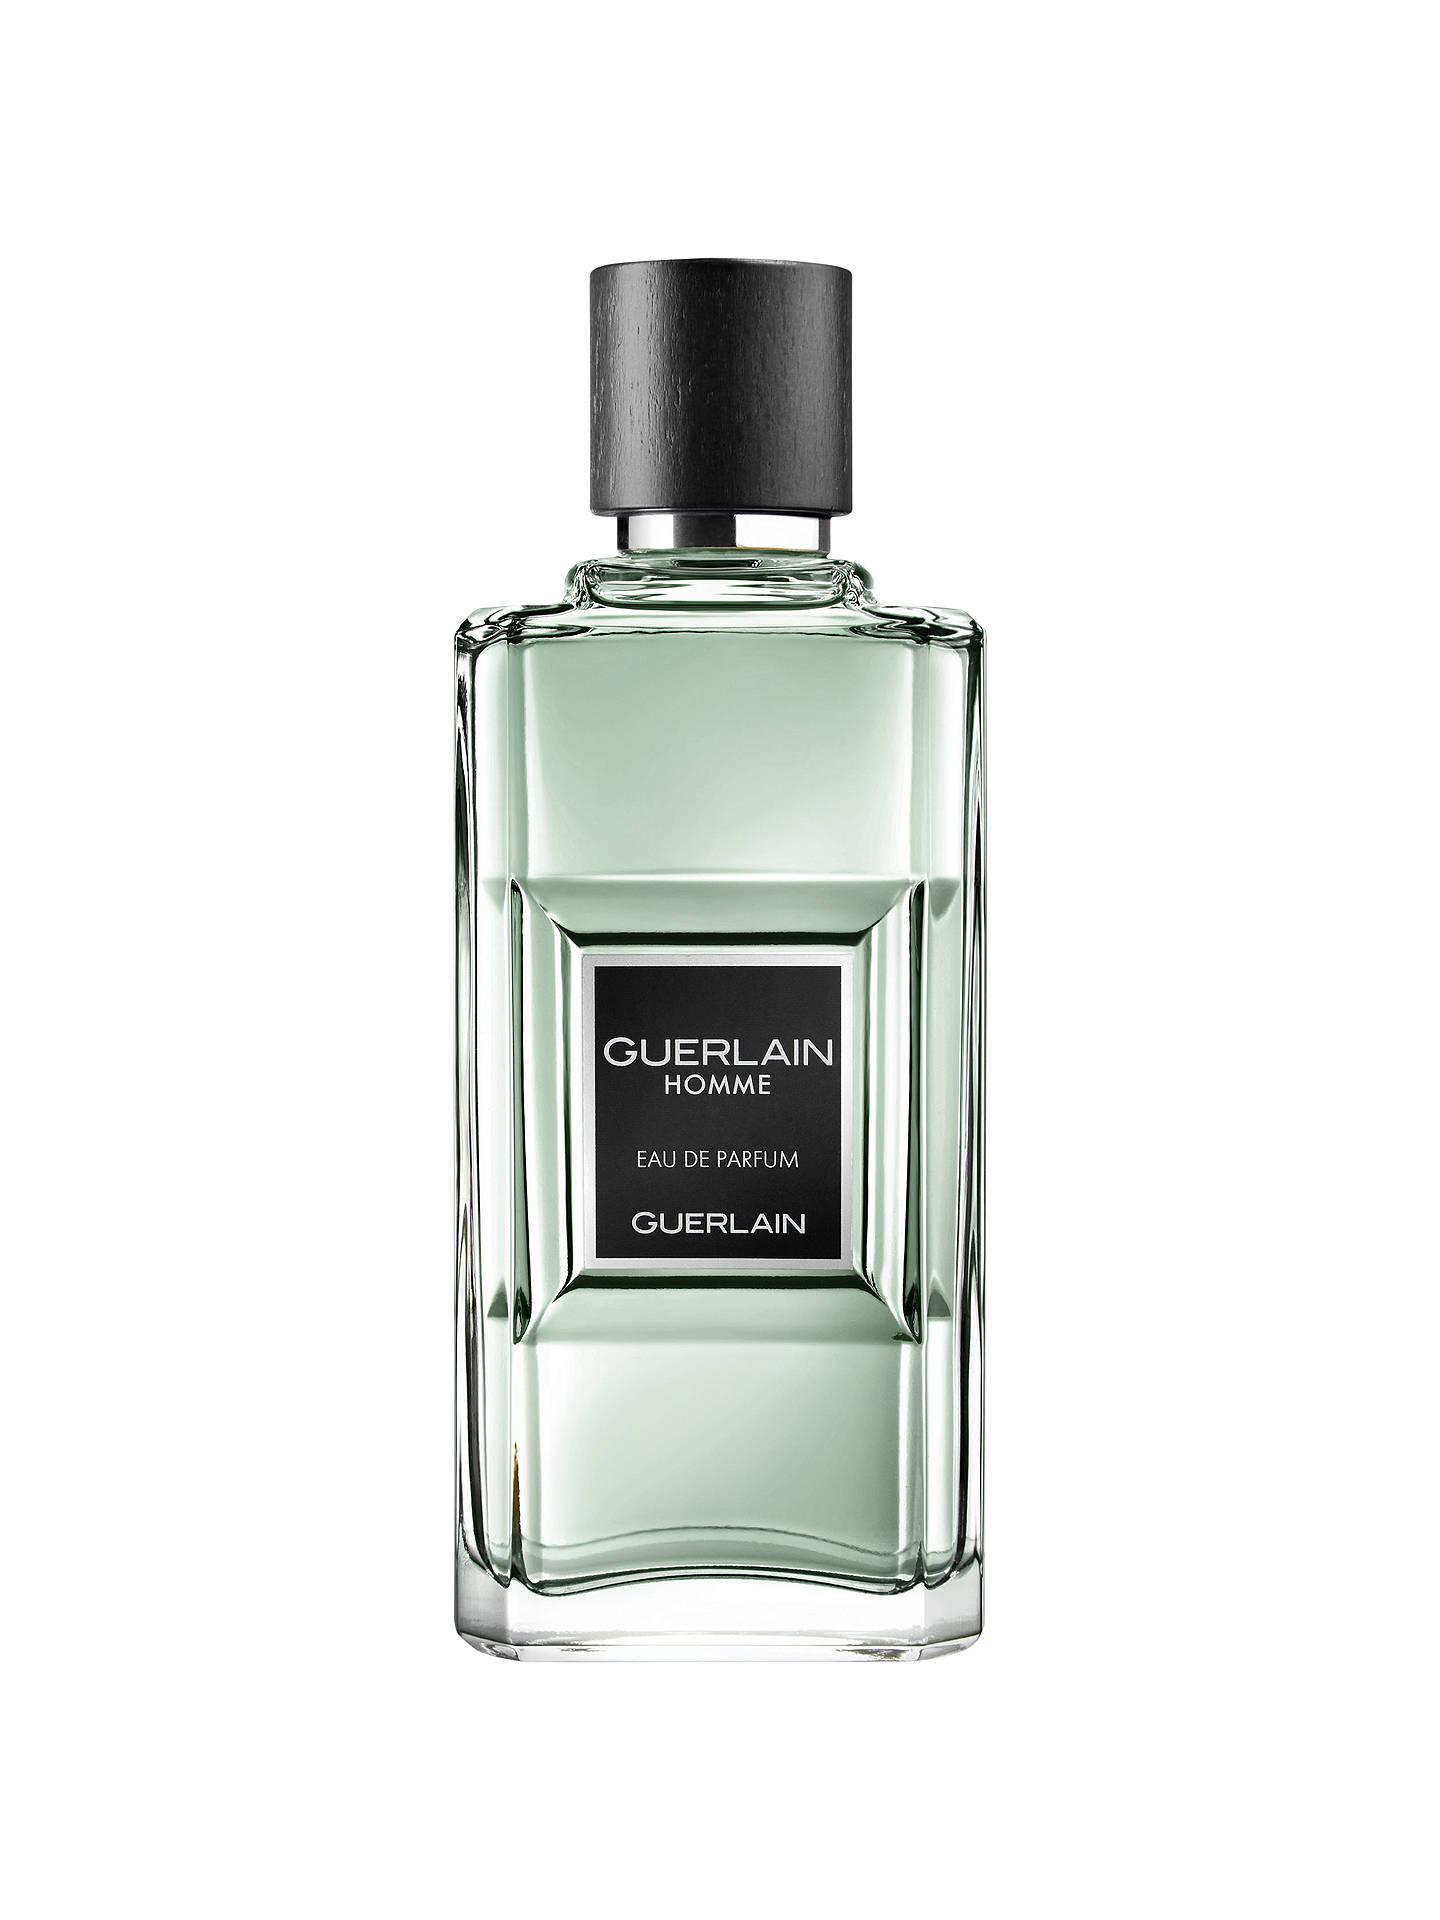 Guerlain Homme Eau De Parfum At John Lewis Partners